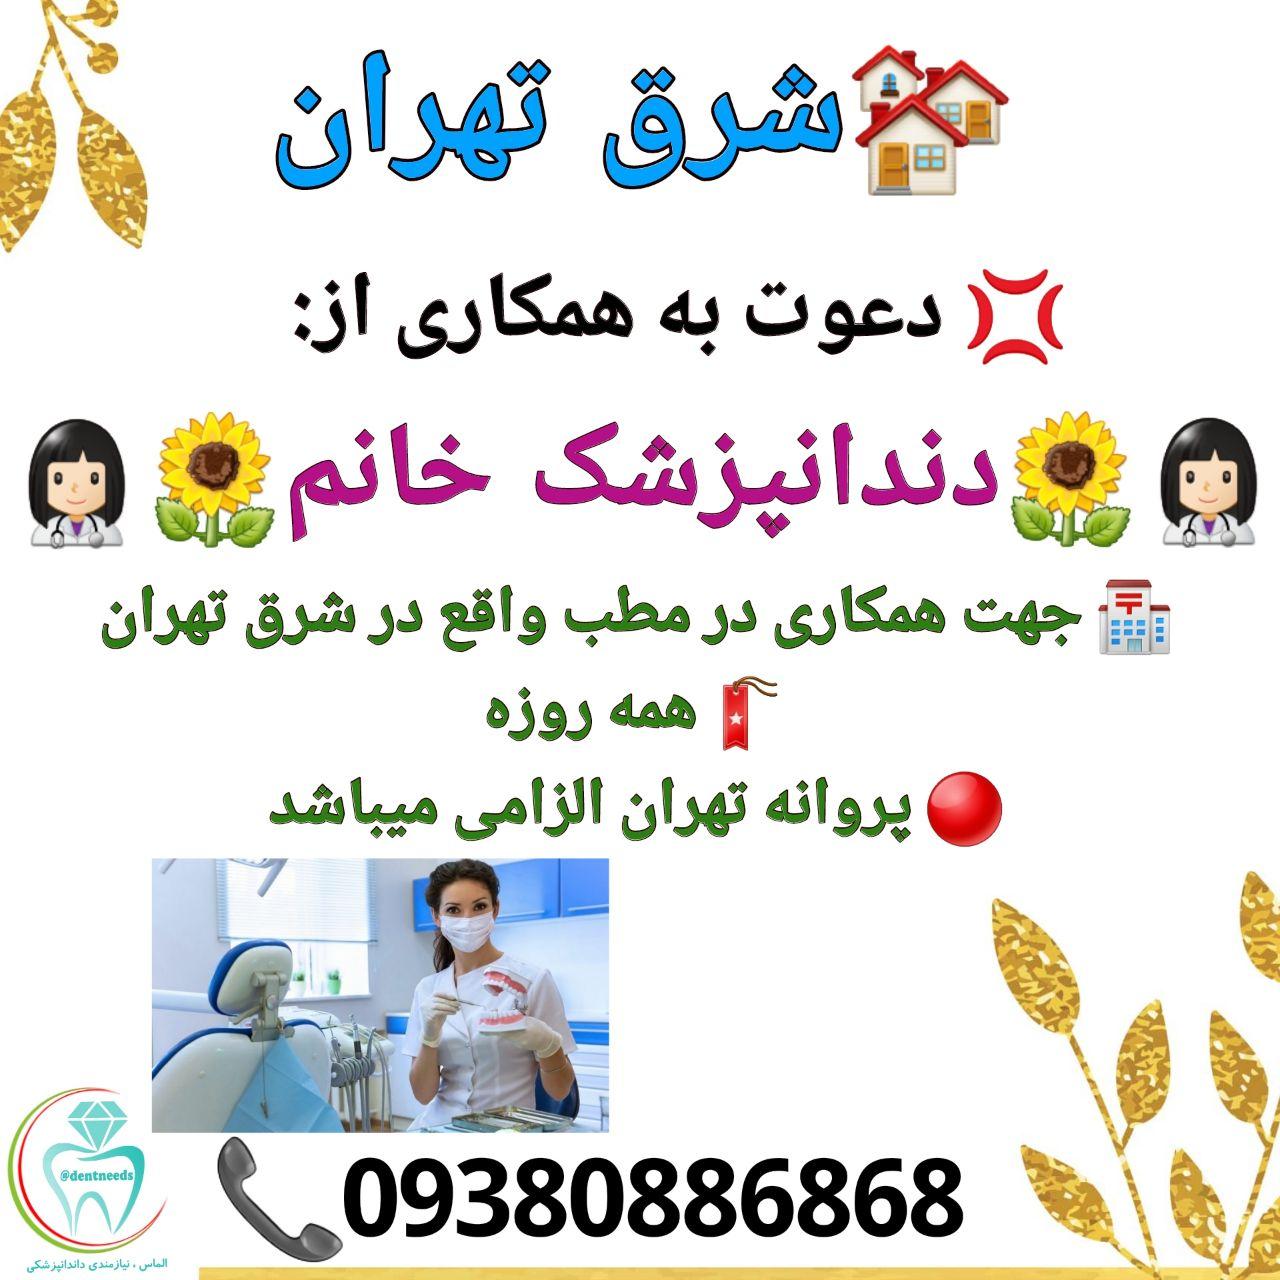 شرق تهران، دعوت به همکاری از دندانپزشک خانم